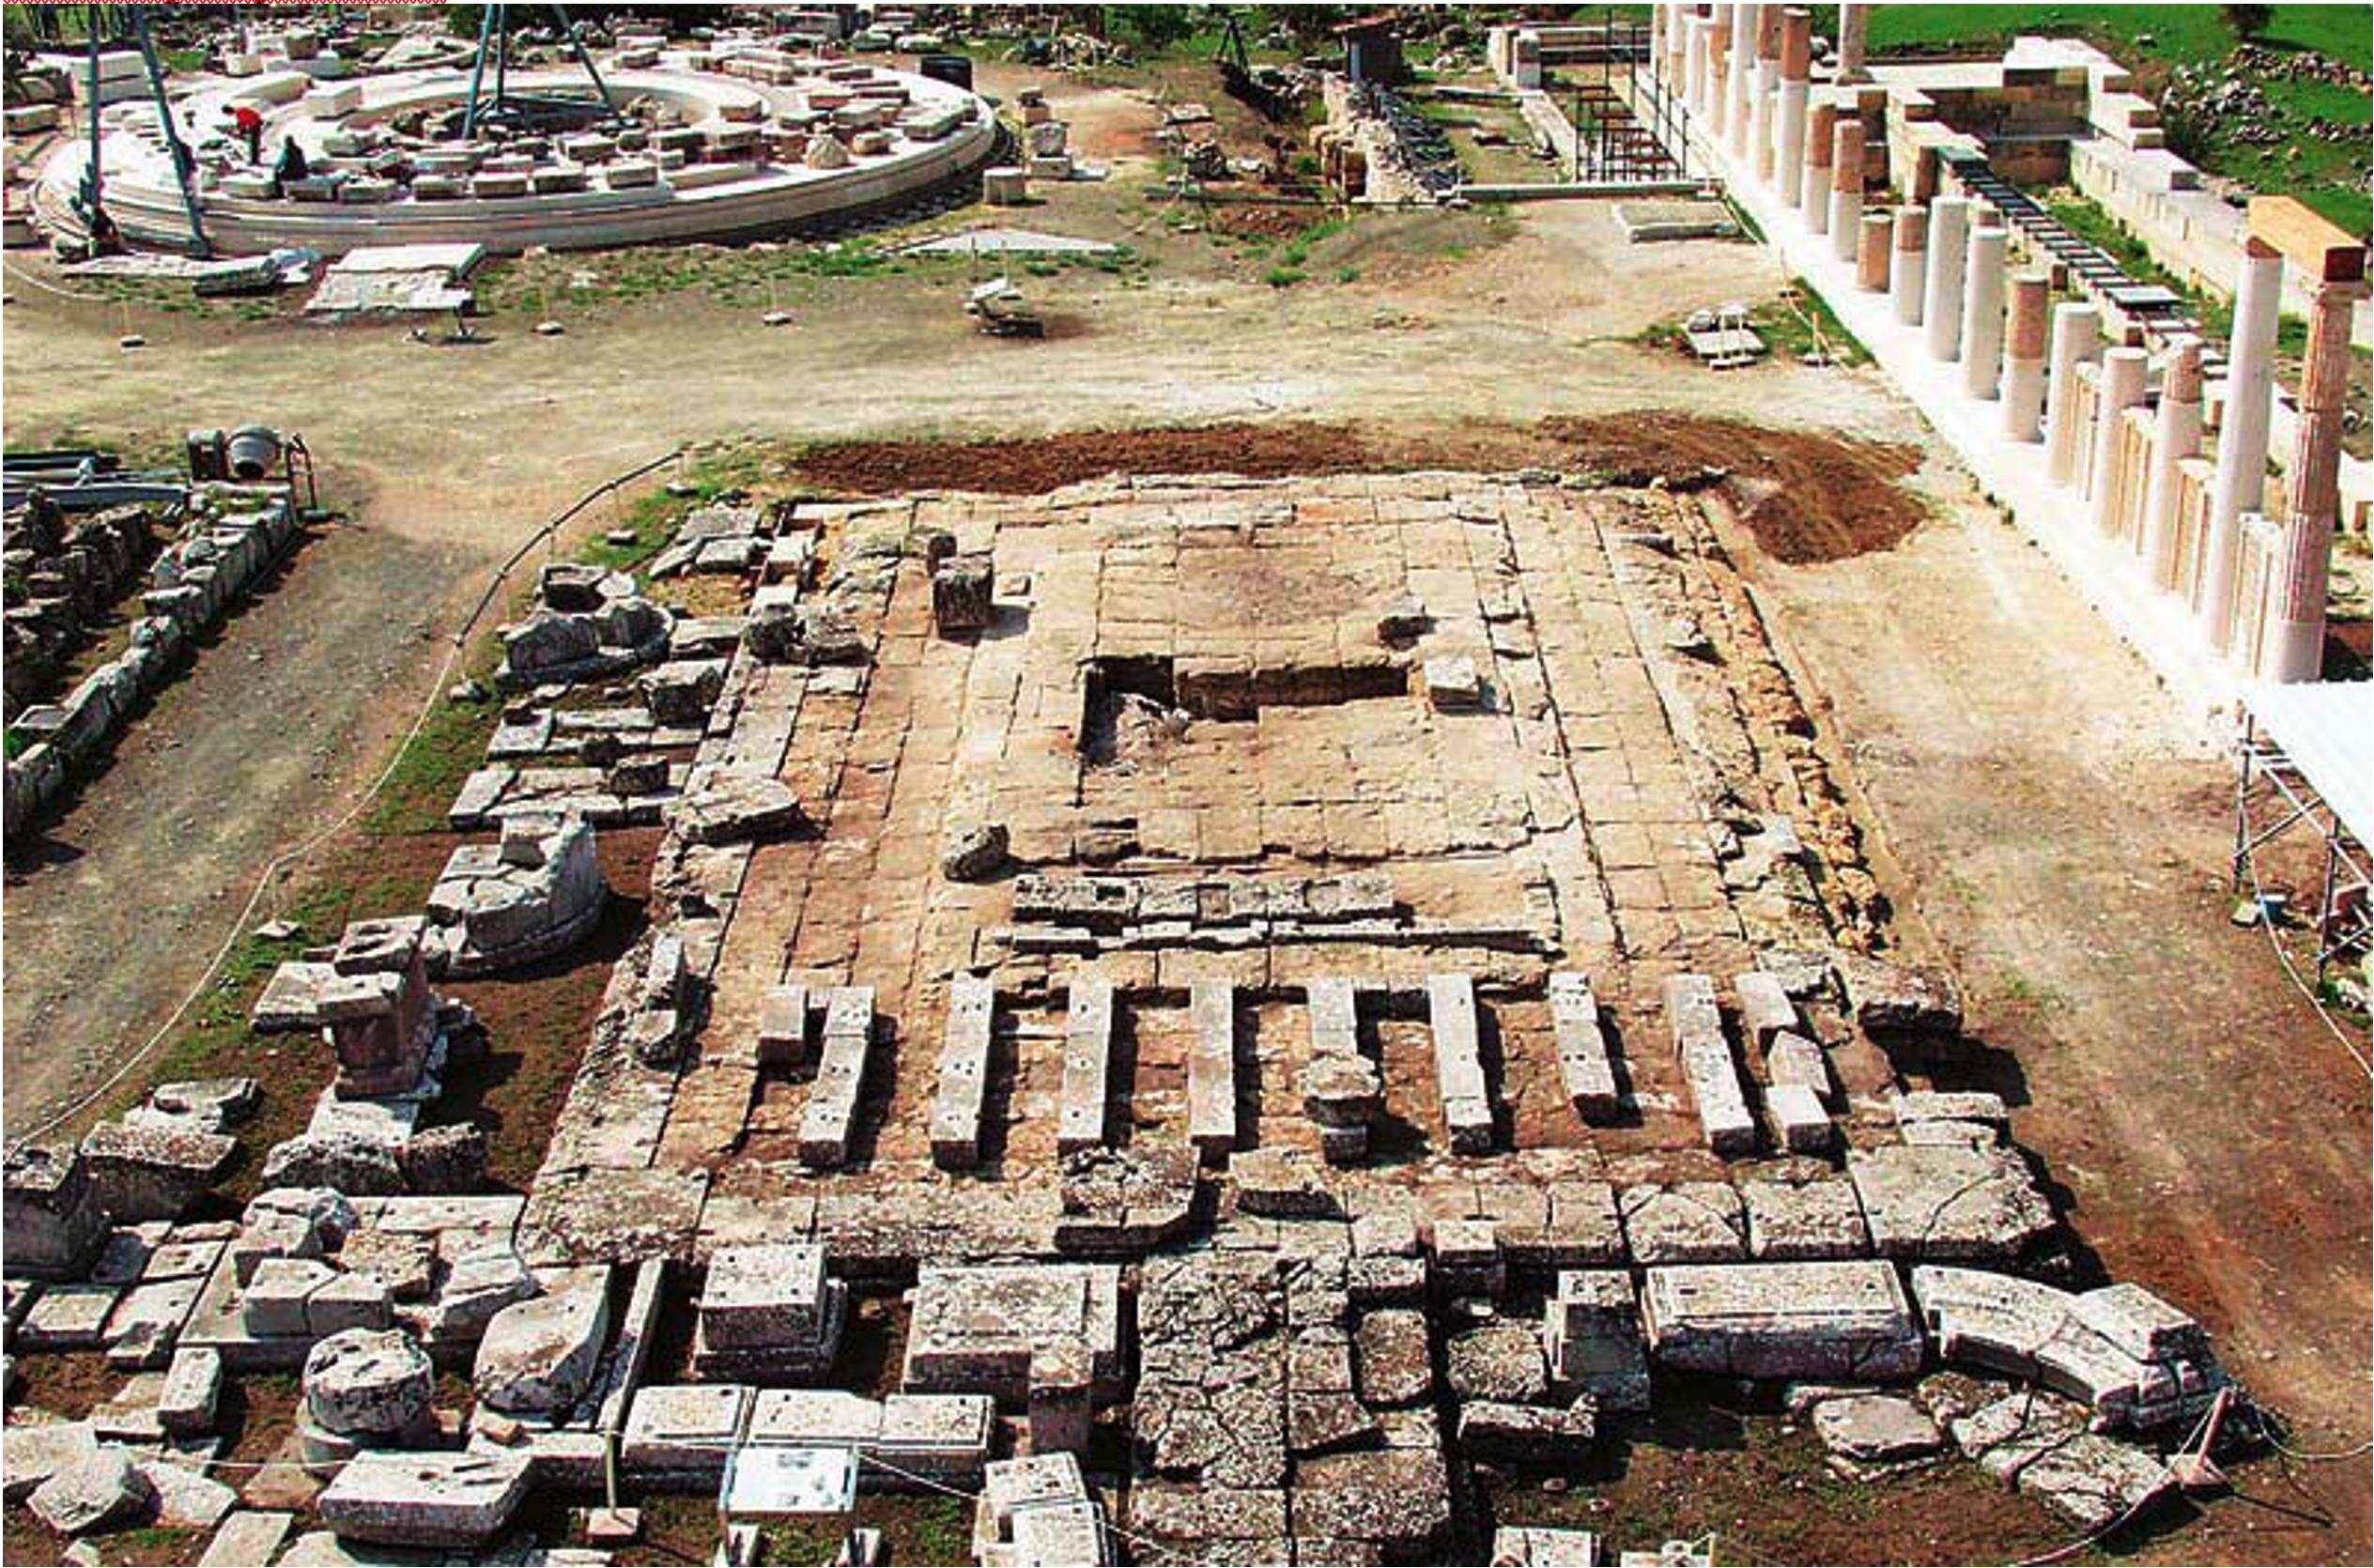 Επίδαυρος - Αρχαιολογικός χώρος - Μουσείο - Ιερό Ασκληπιού - Θόλος - Driver  Stories